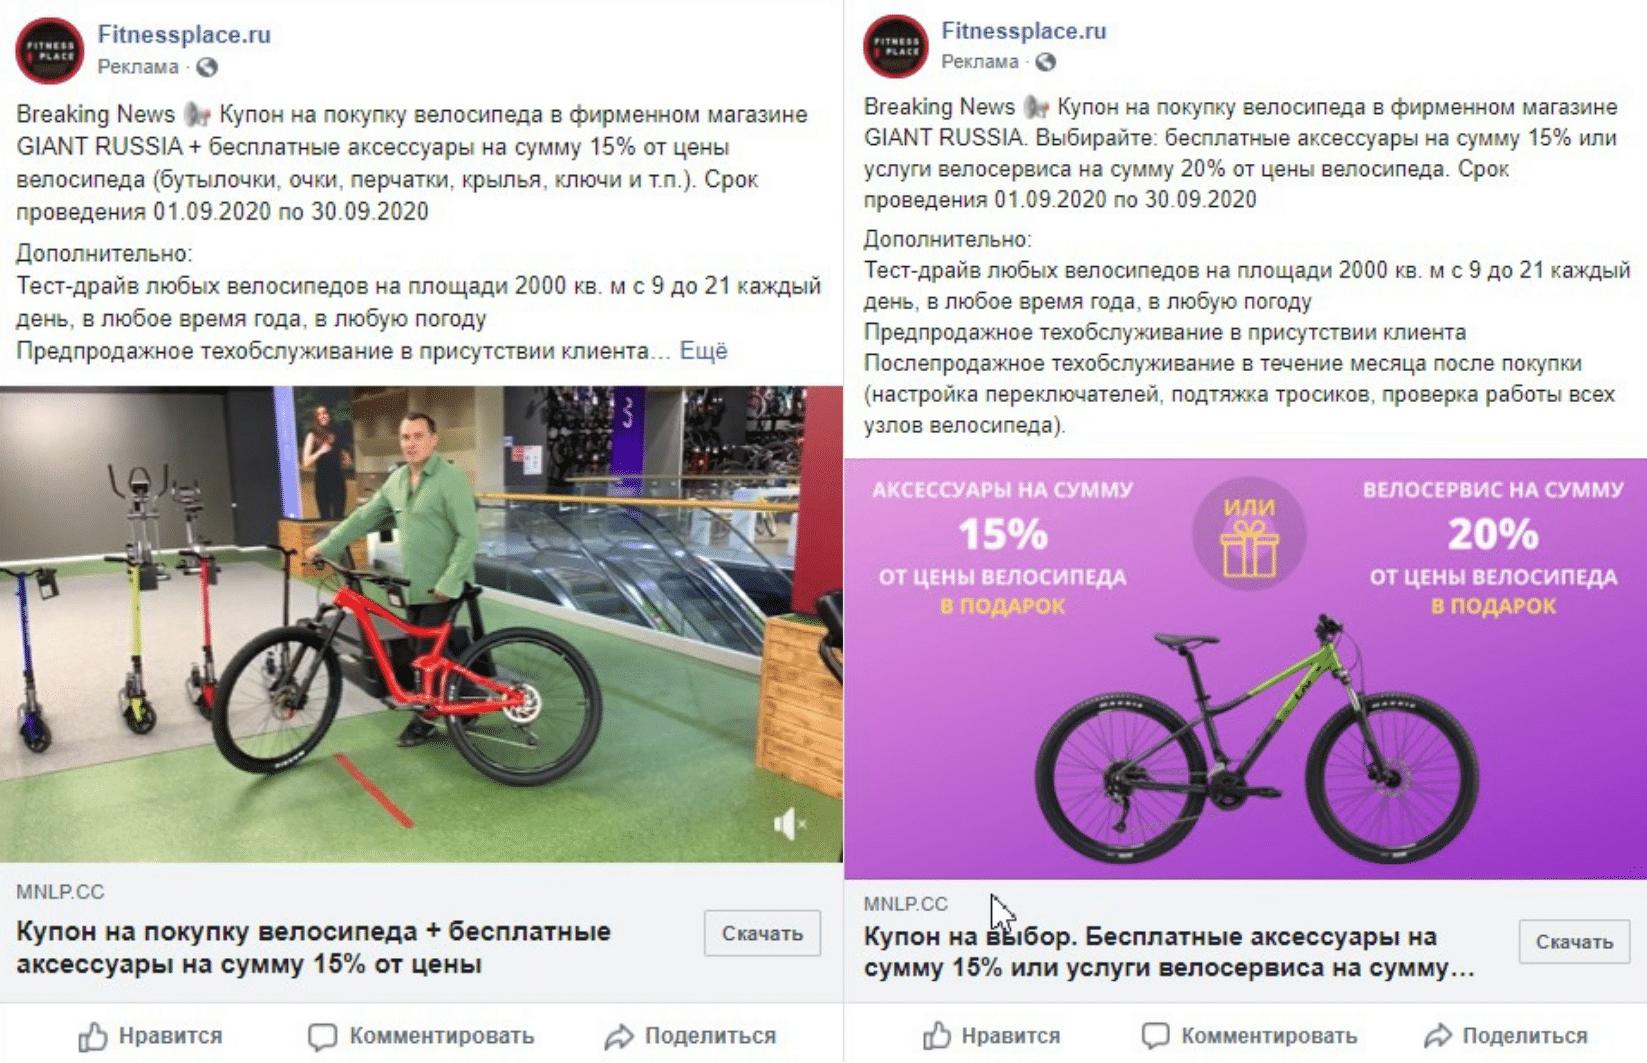 рекламные креативы для Facebook и Instagram для велосипедов Giant LIV